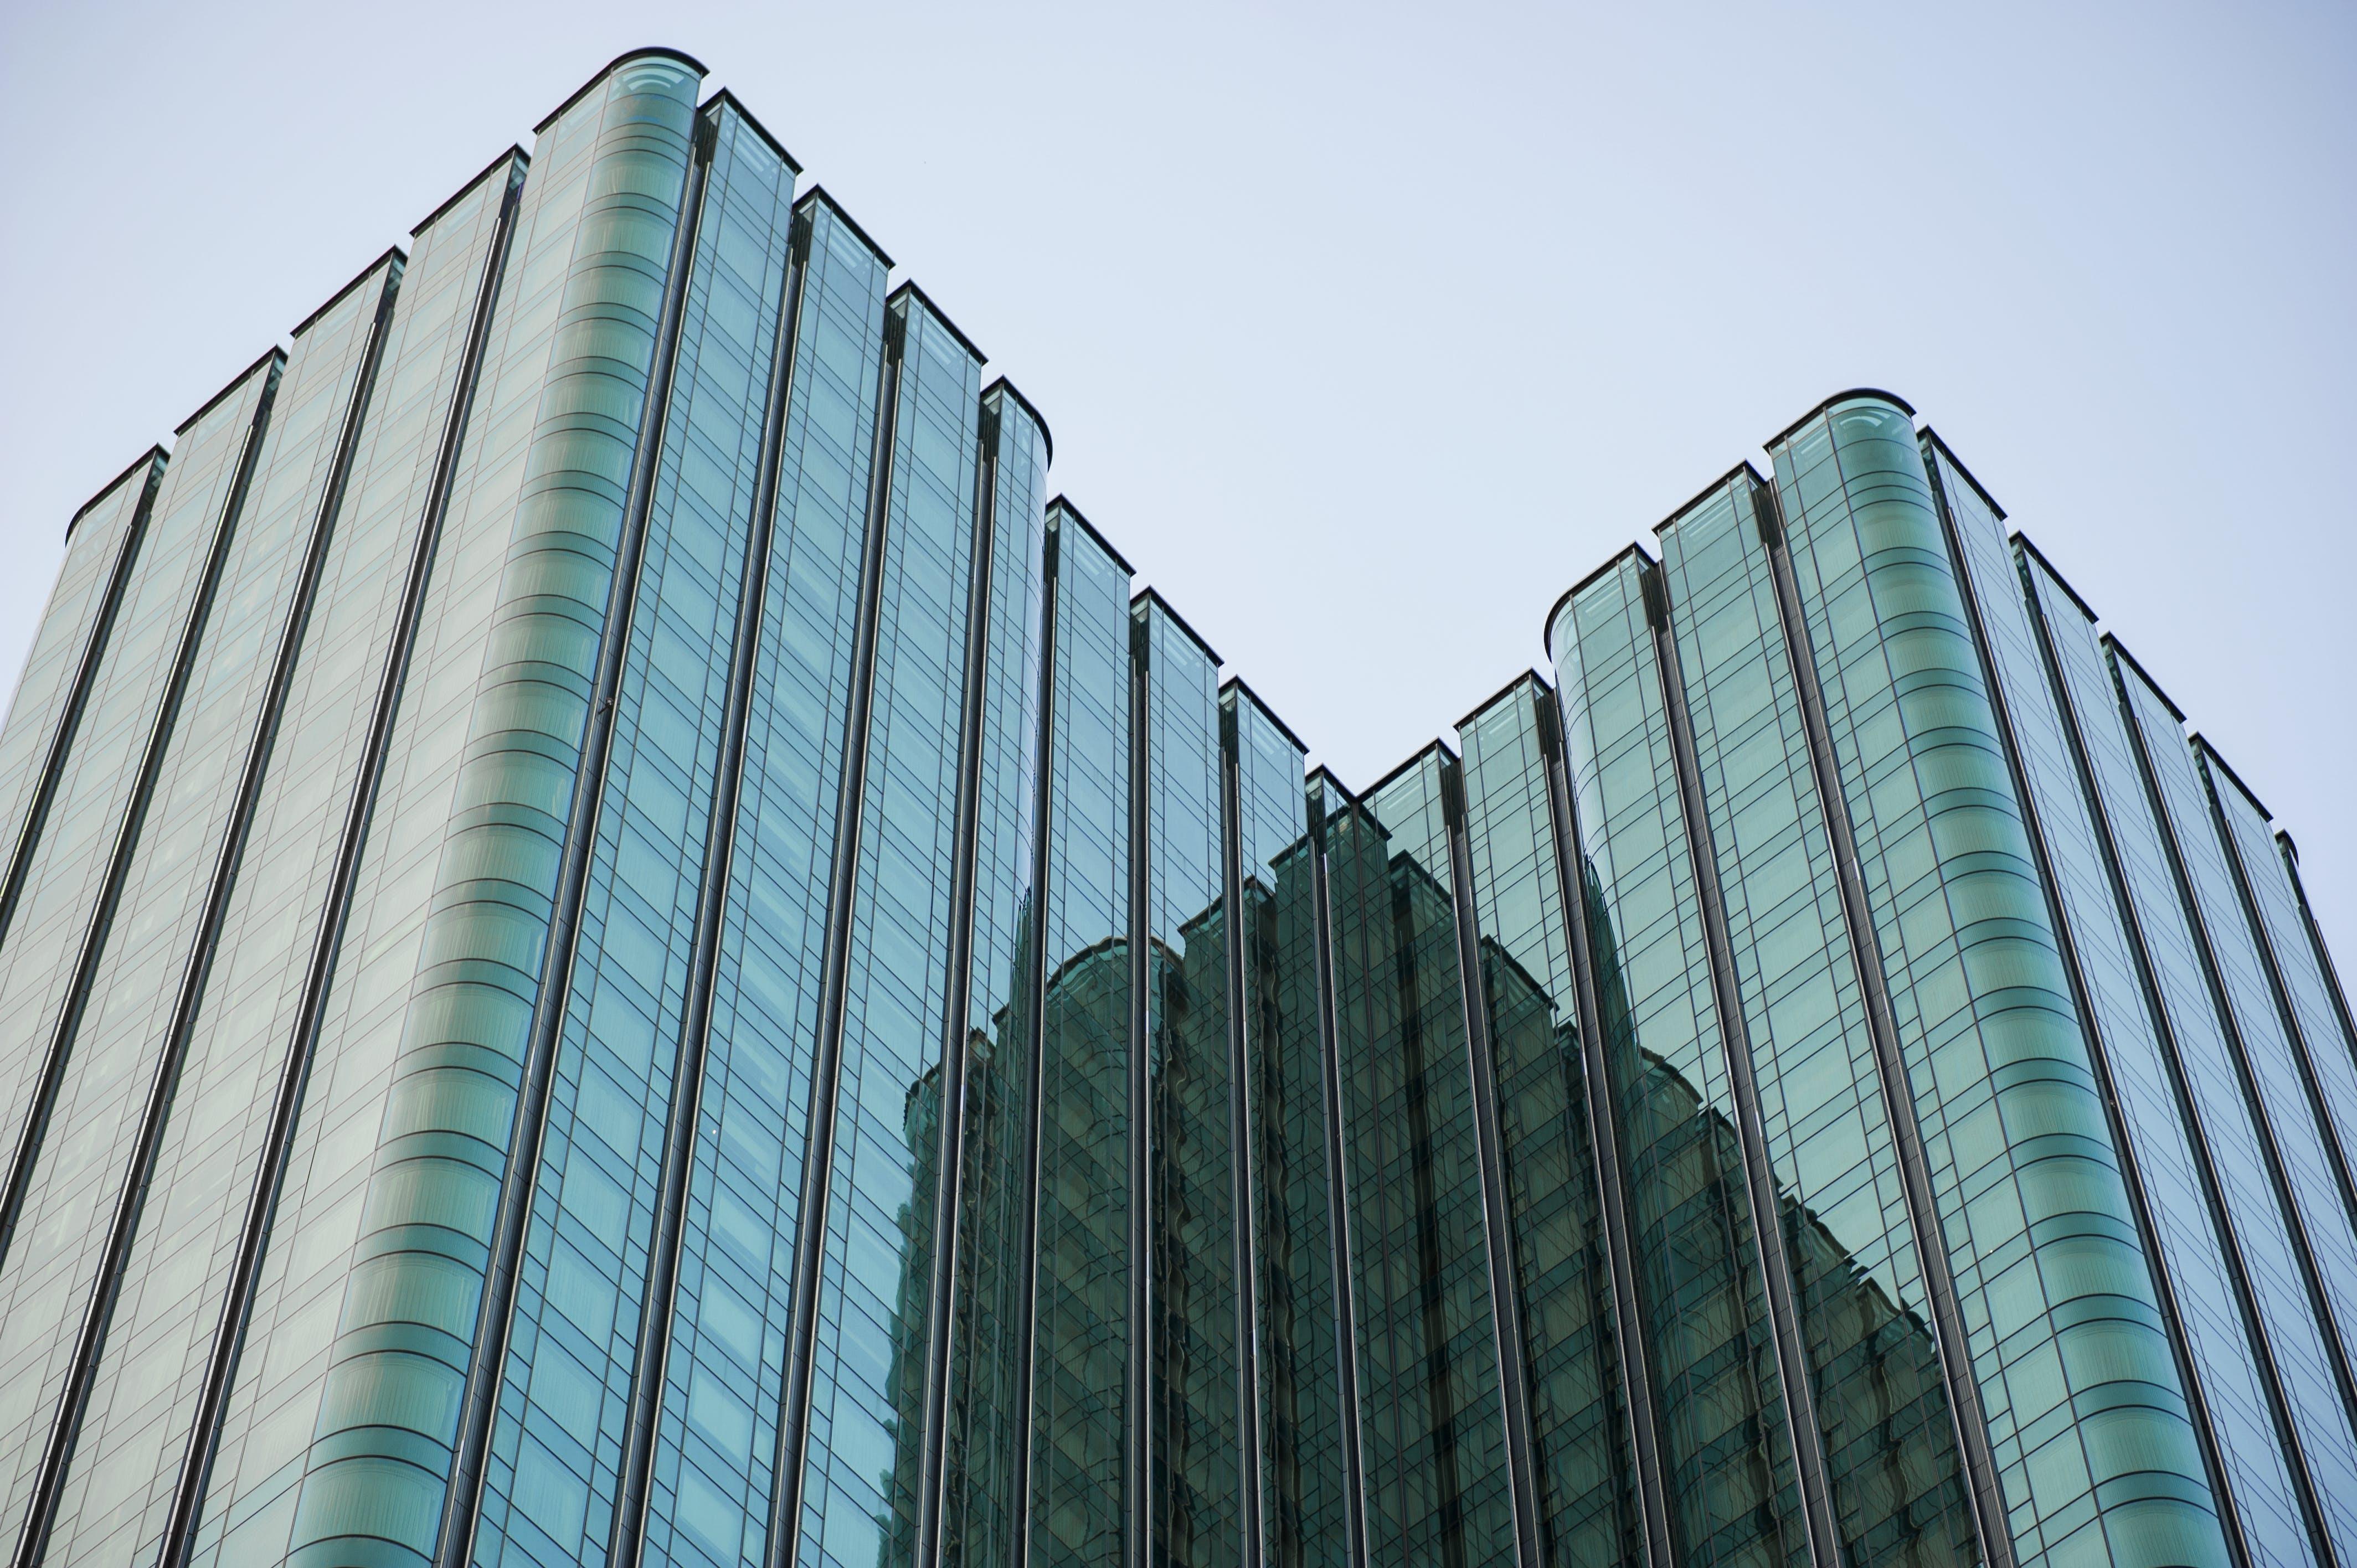 Gratis stockfoto met architectuur, binnenstad, bouw, buitenkant